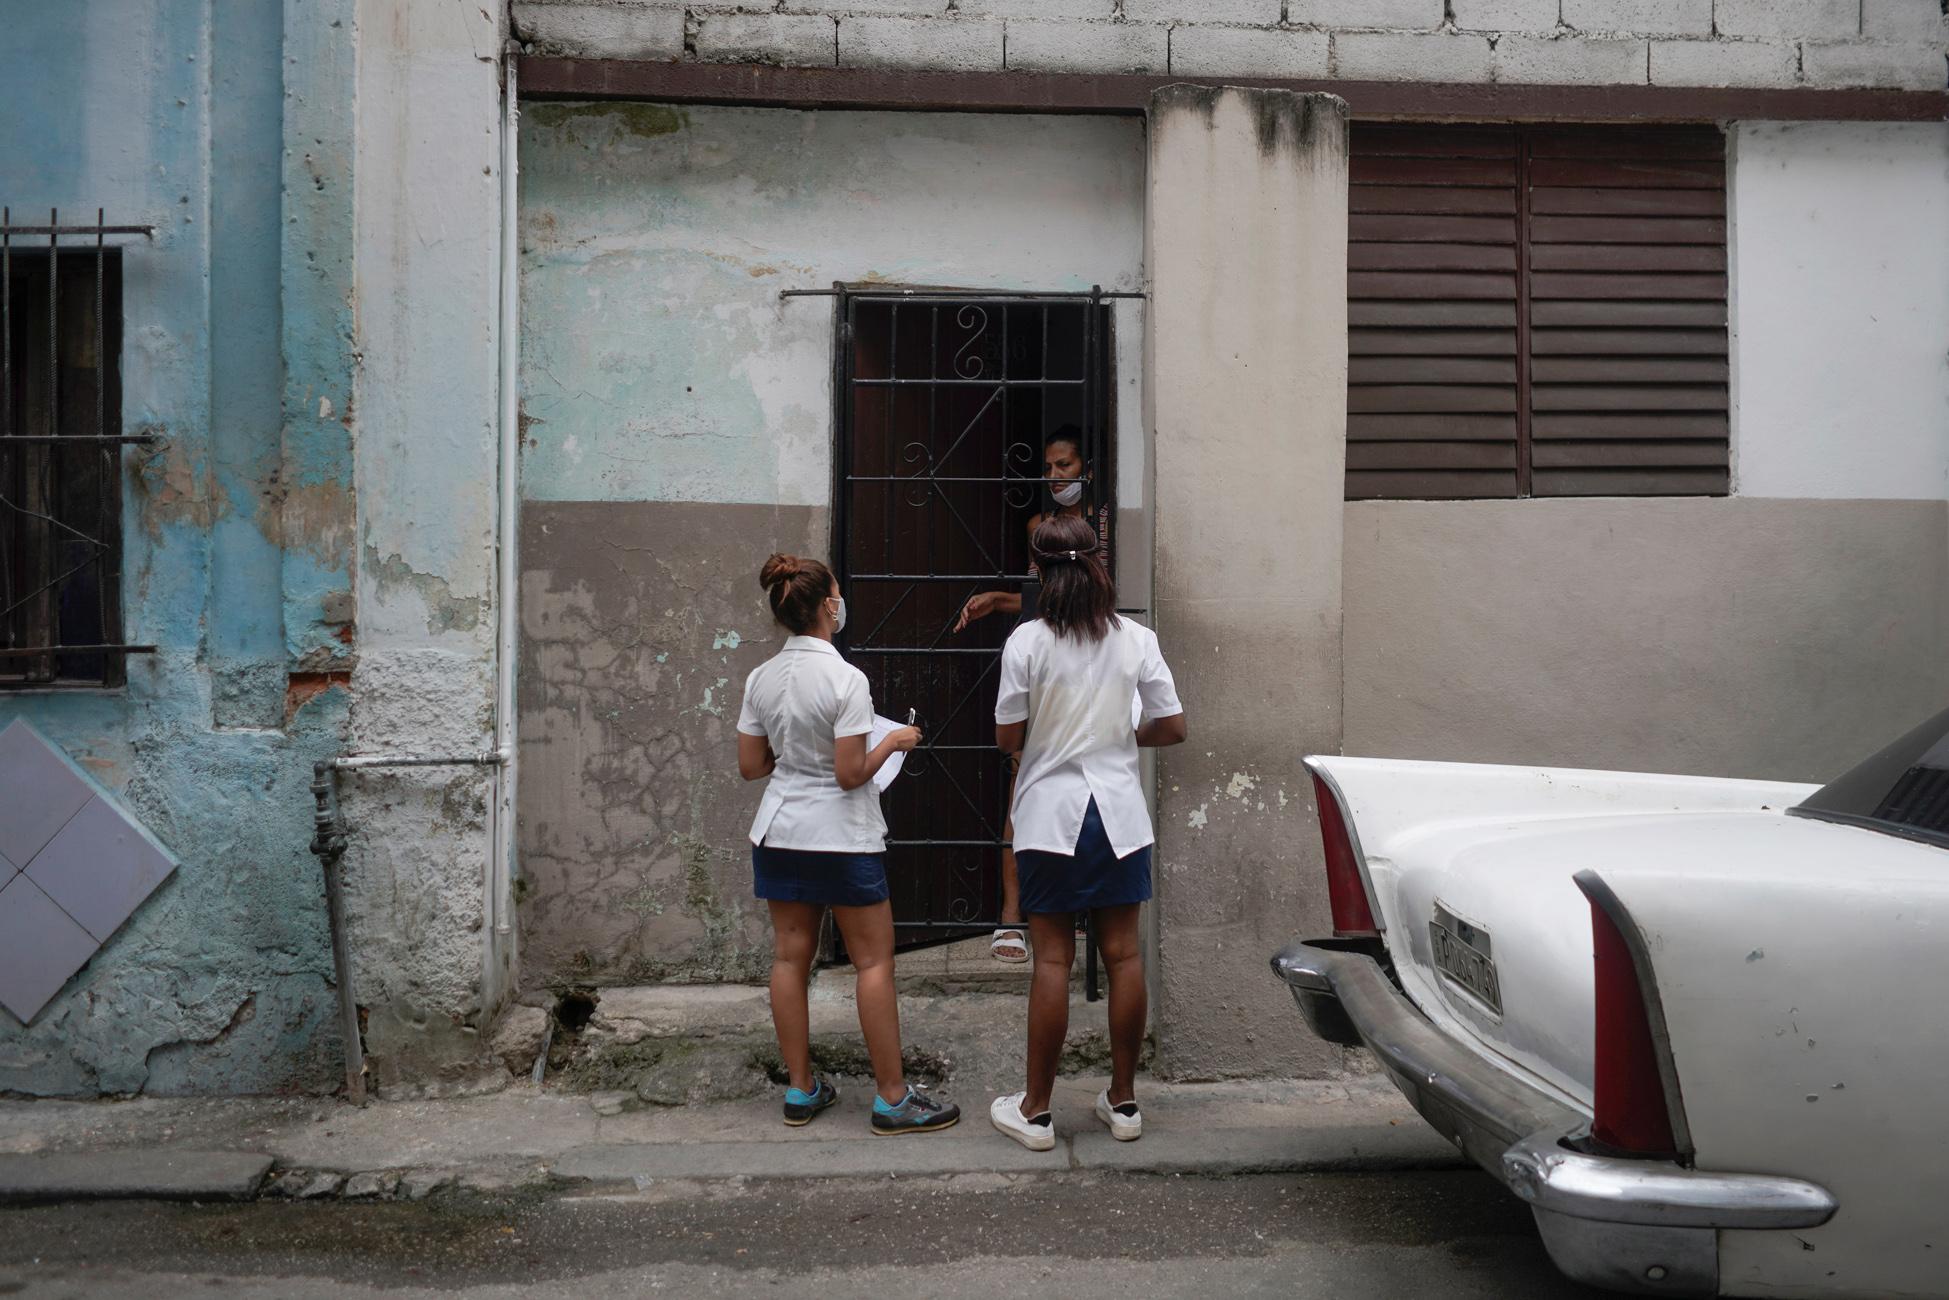 Κούβα – κορονοϊός: Ετοιμάζει 4 εμβόλια για τον πληθυσμό της και τις φιλικές χώρες